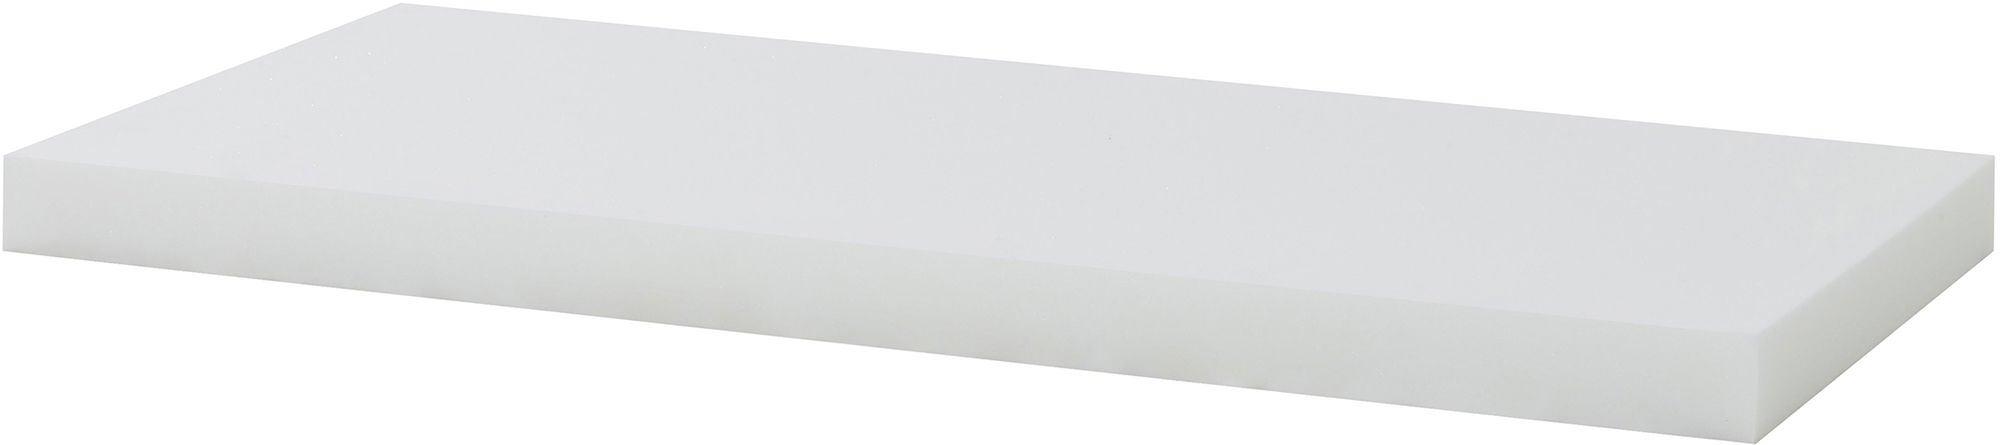 090c1890eedc55 Kaufen Hoppekids Schaumstoffmatratze Basic 9x70x160cm